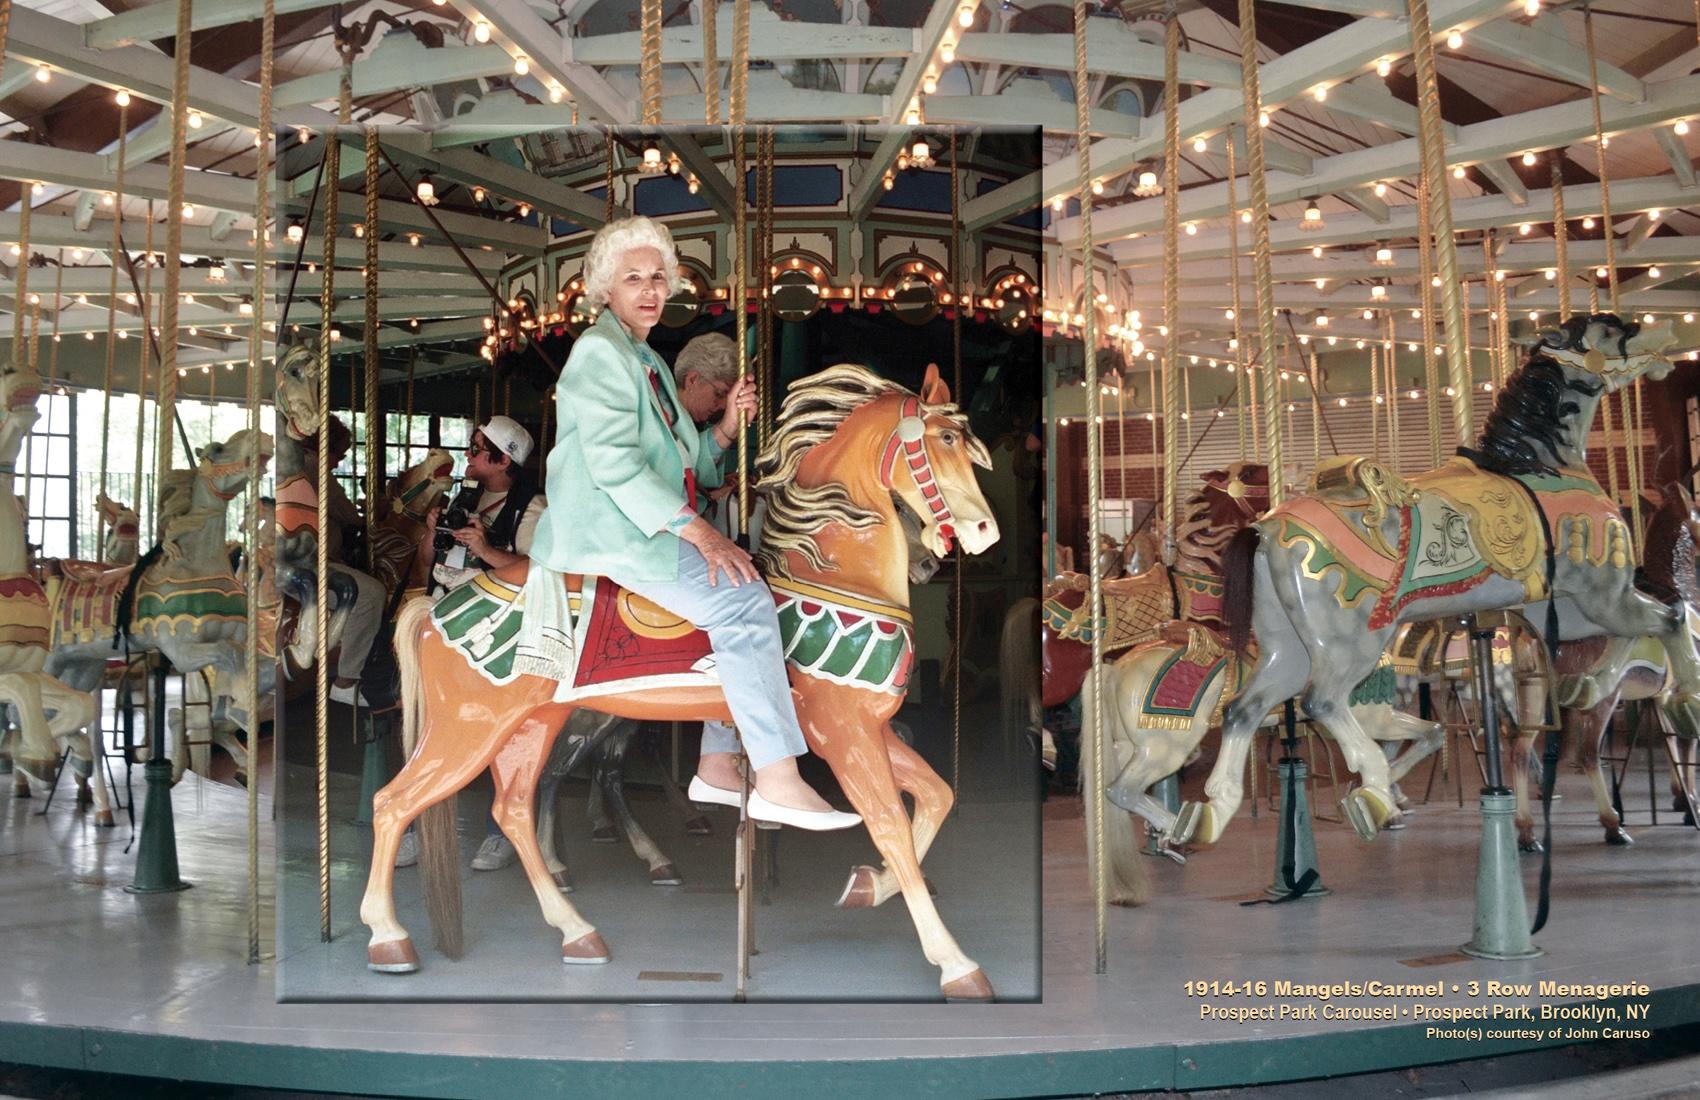 Prospect-Park-NY-Carousel-Marianne-Stevens-CNT-center-DEC-12